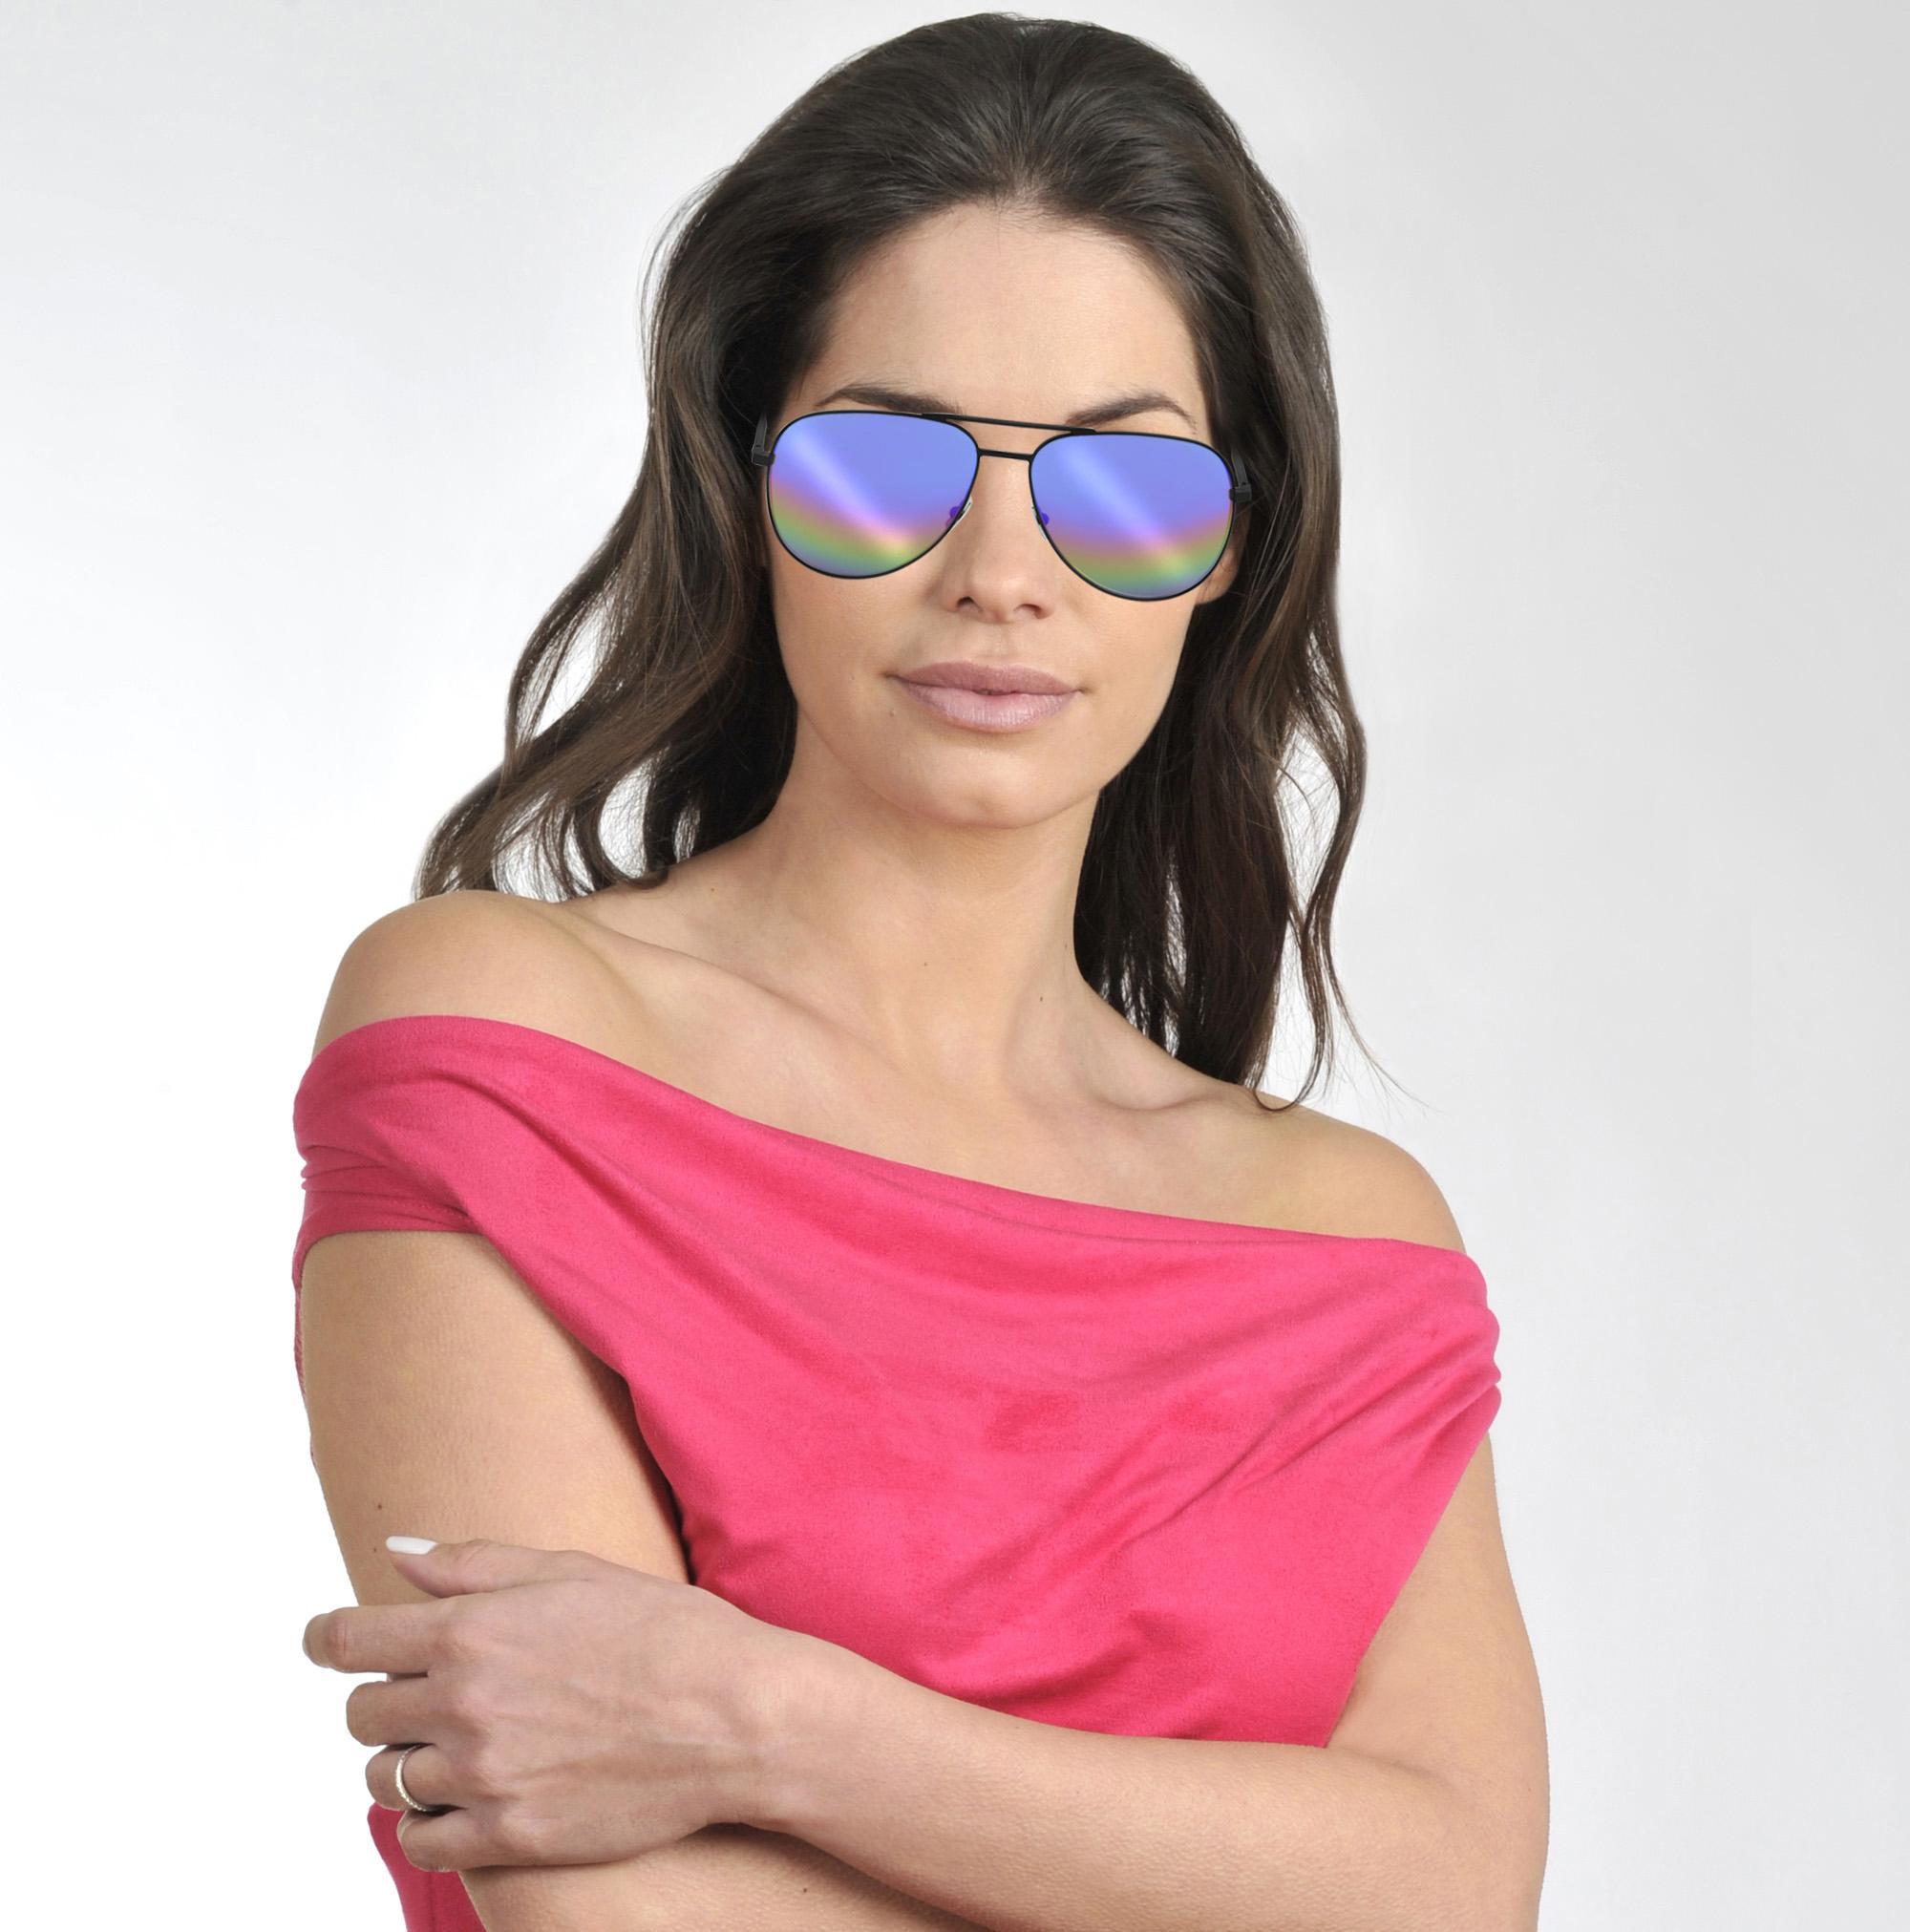 Sunglasses CLASSIC 11 RAINBOW-007 Saint Laurent 2aInNGwhX